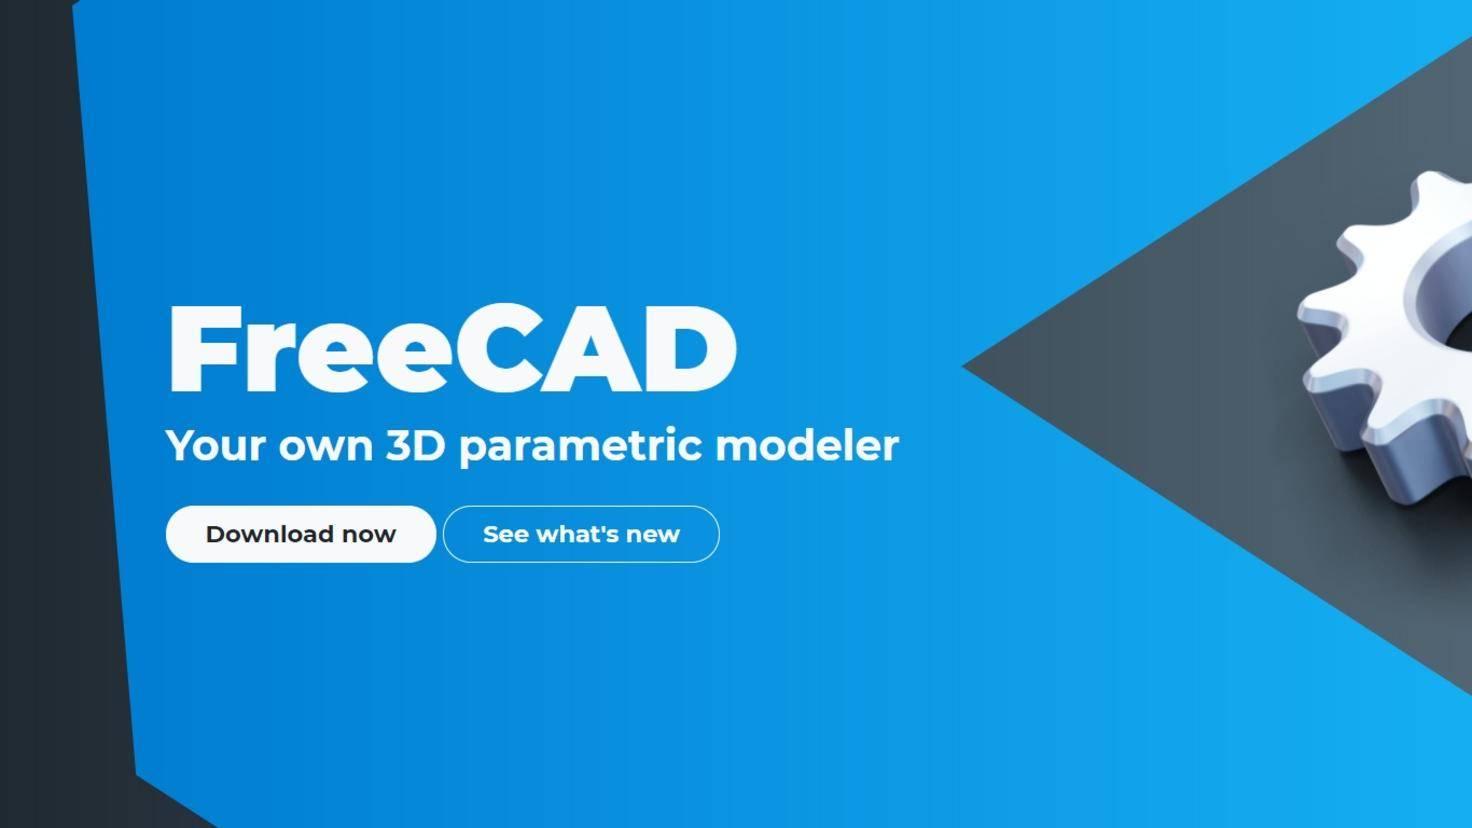 freecad-3d-drucker-software